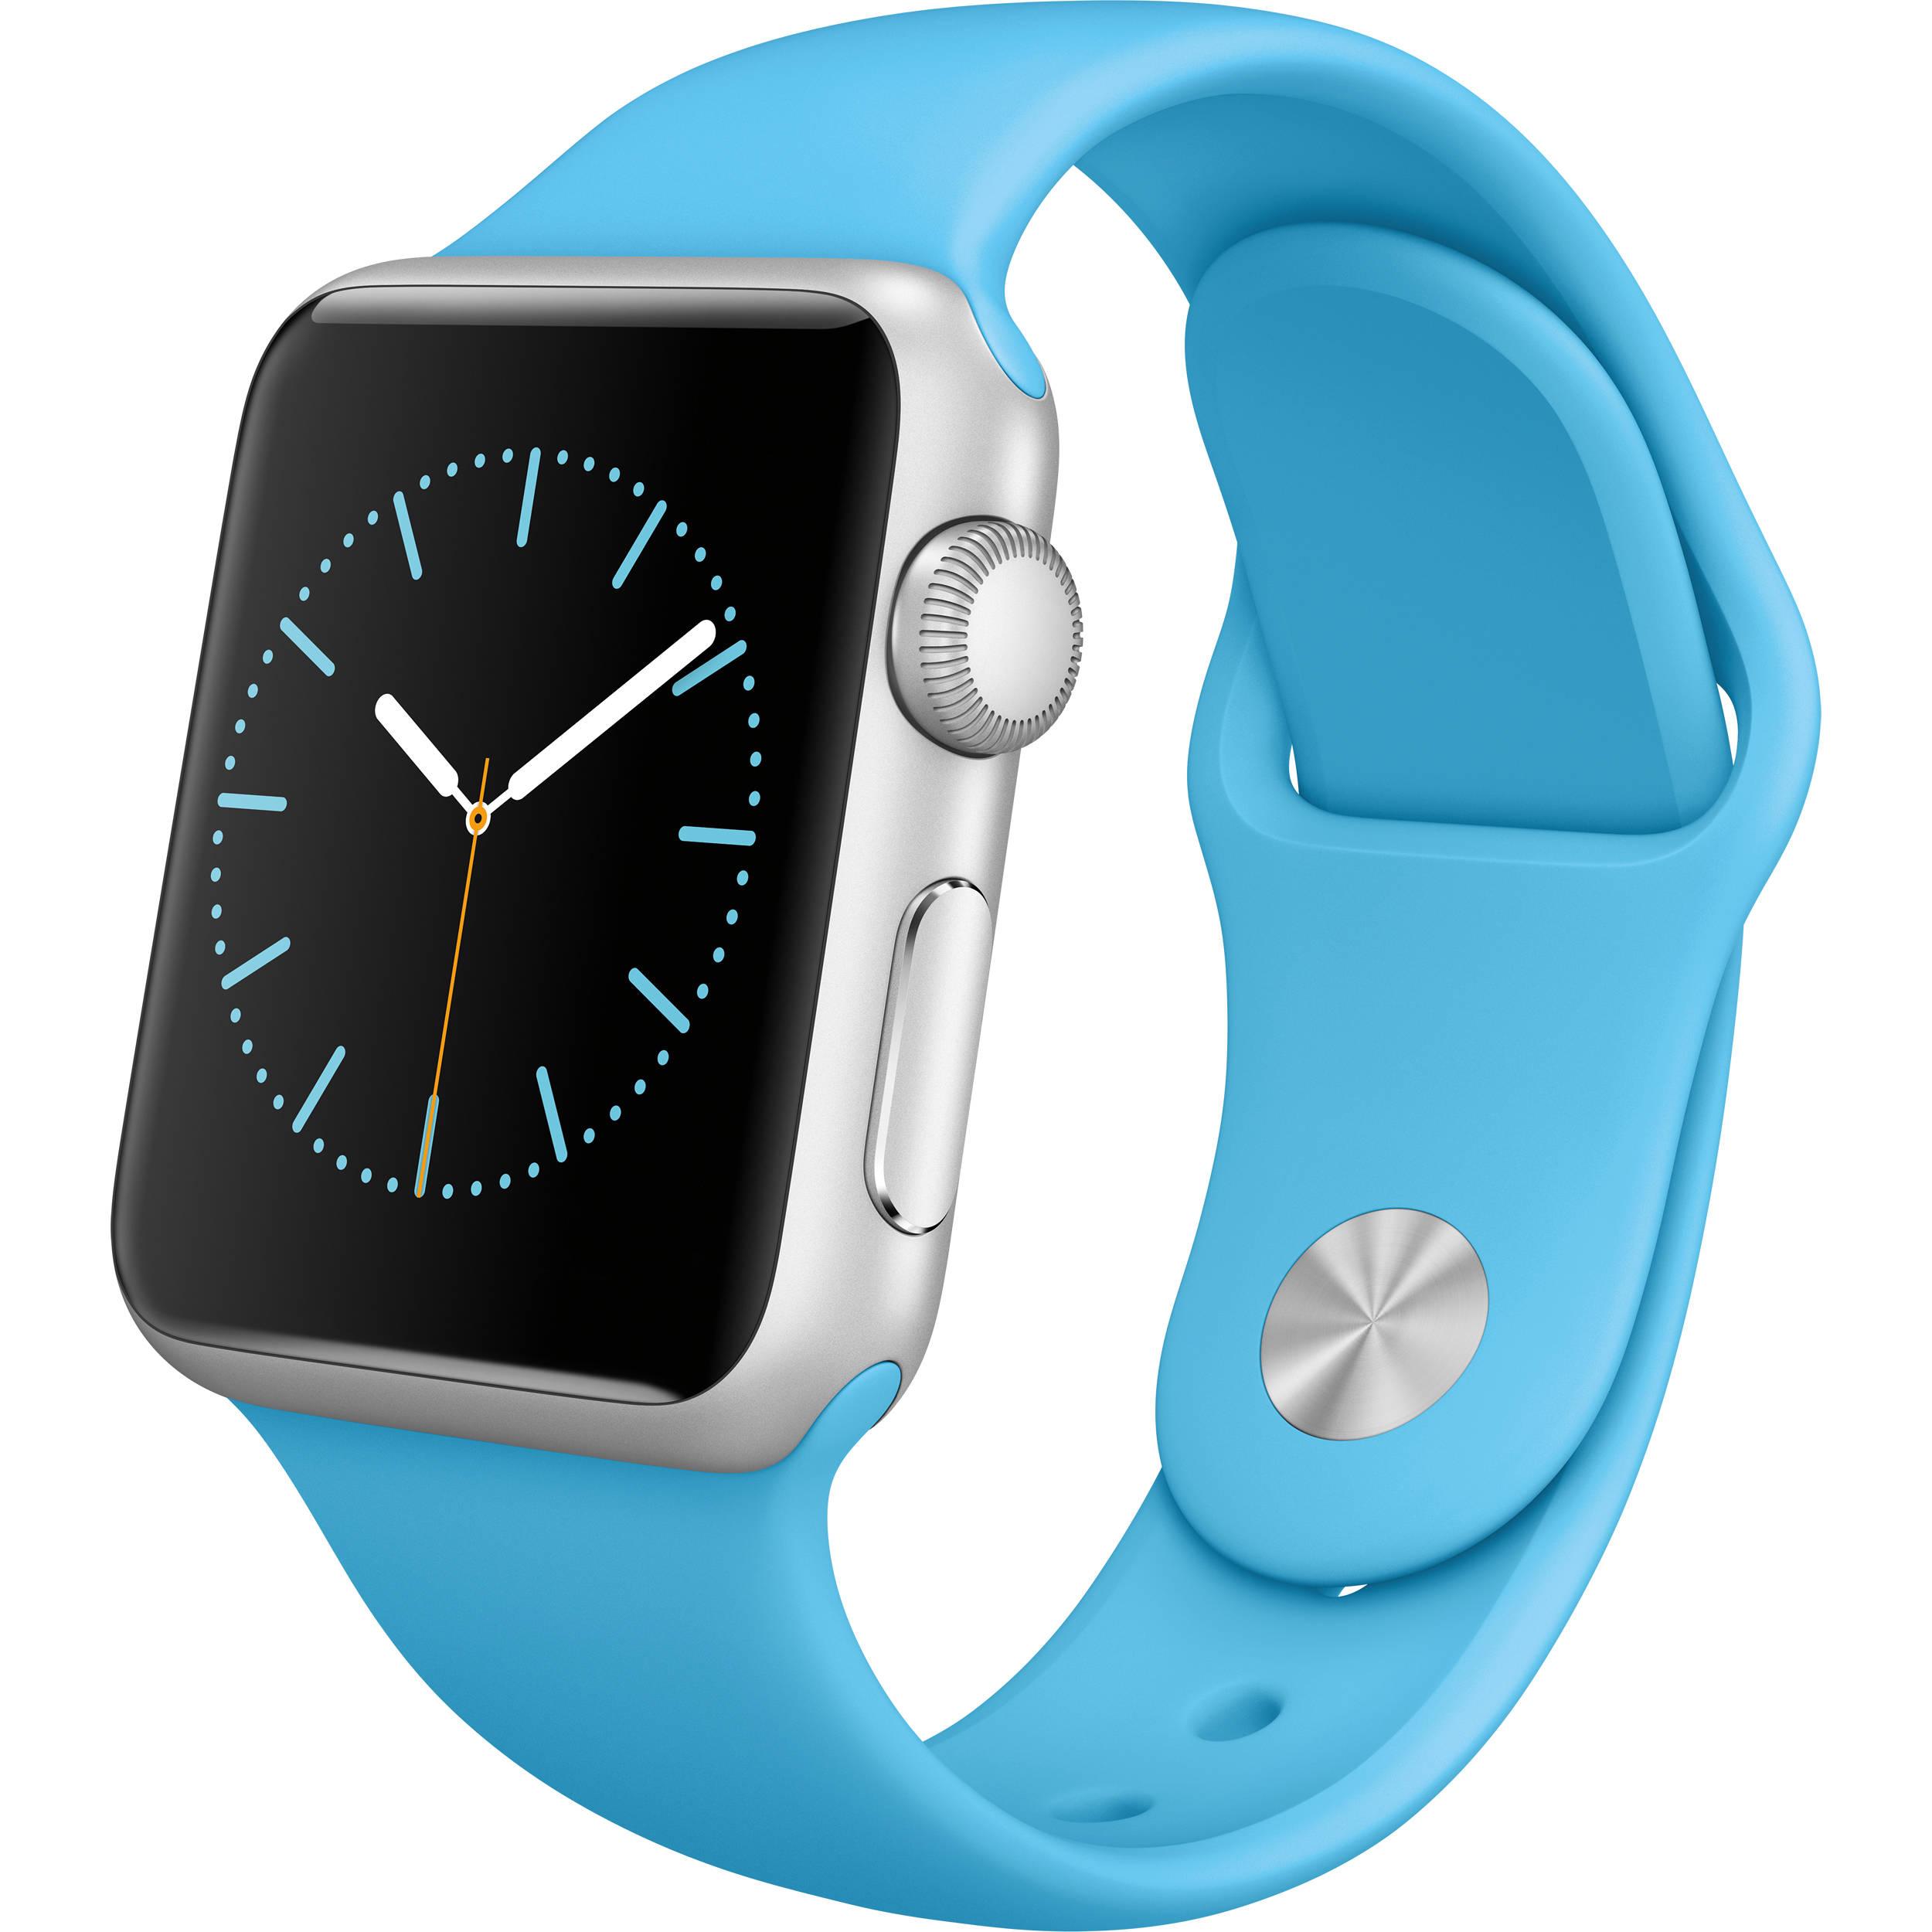 Apple Watch Sport 38mm Smartwatch MLCG2LL/A B&H Photo Video